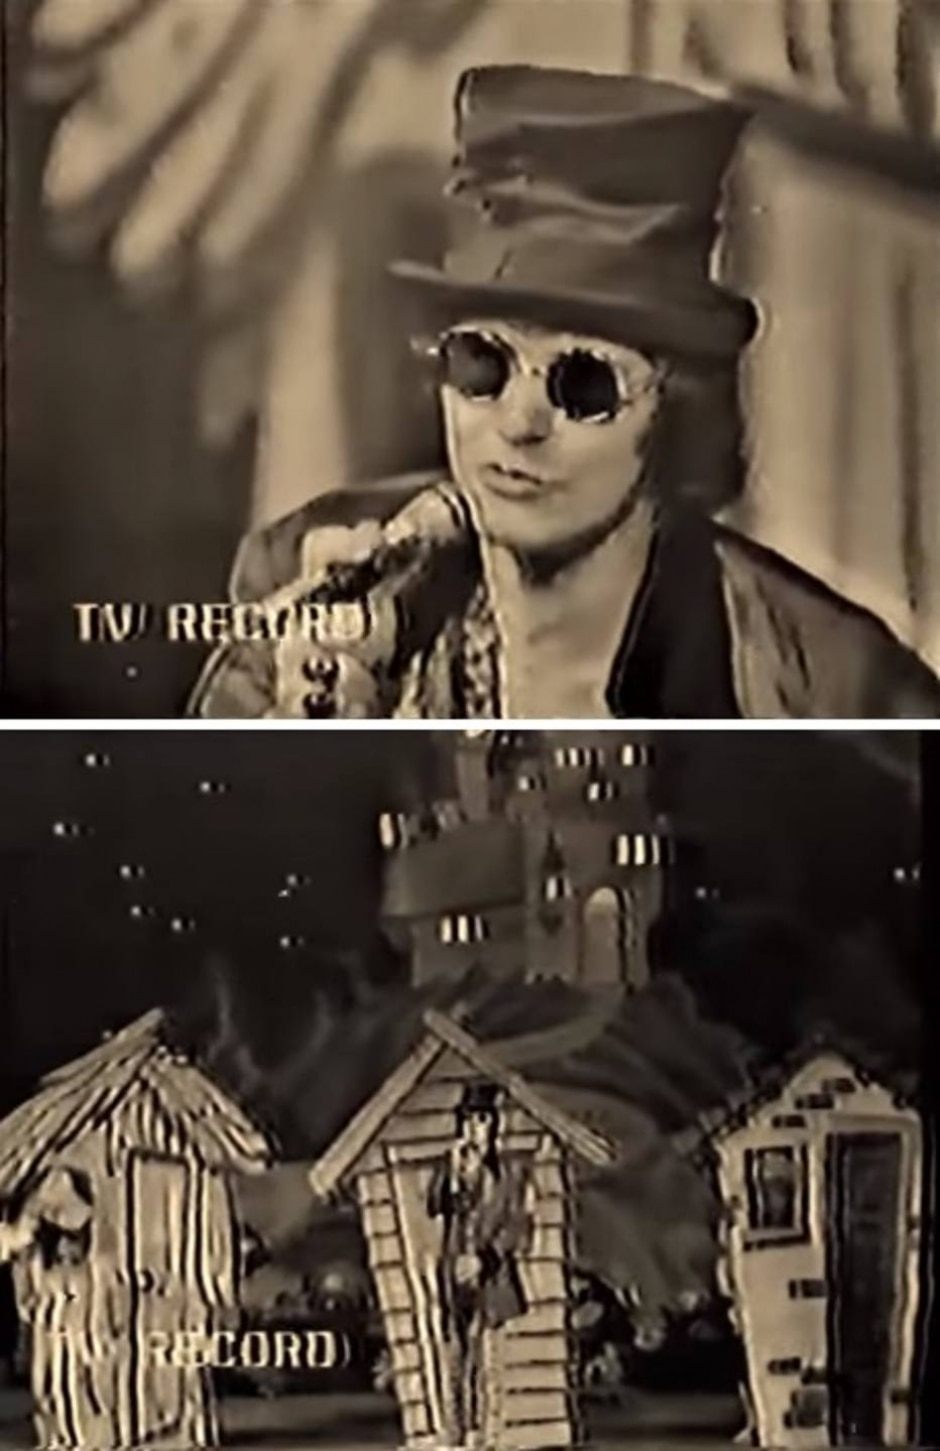 Reprodução de cena de Record TV (1969) | YouTube / @antonio alves Tony